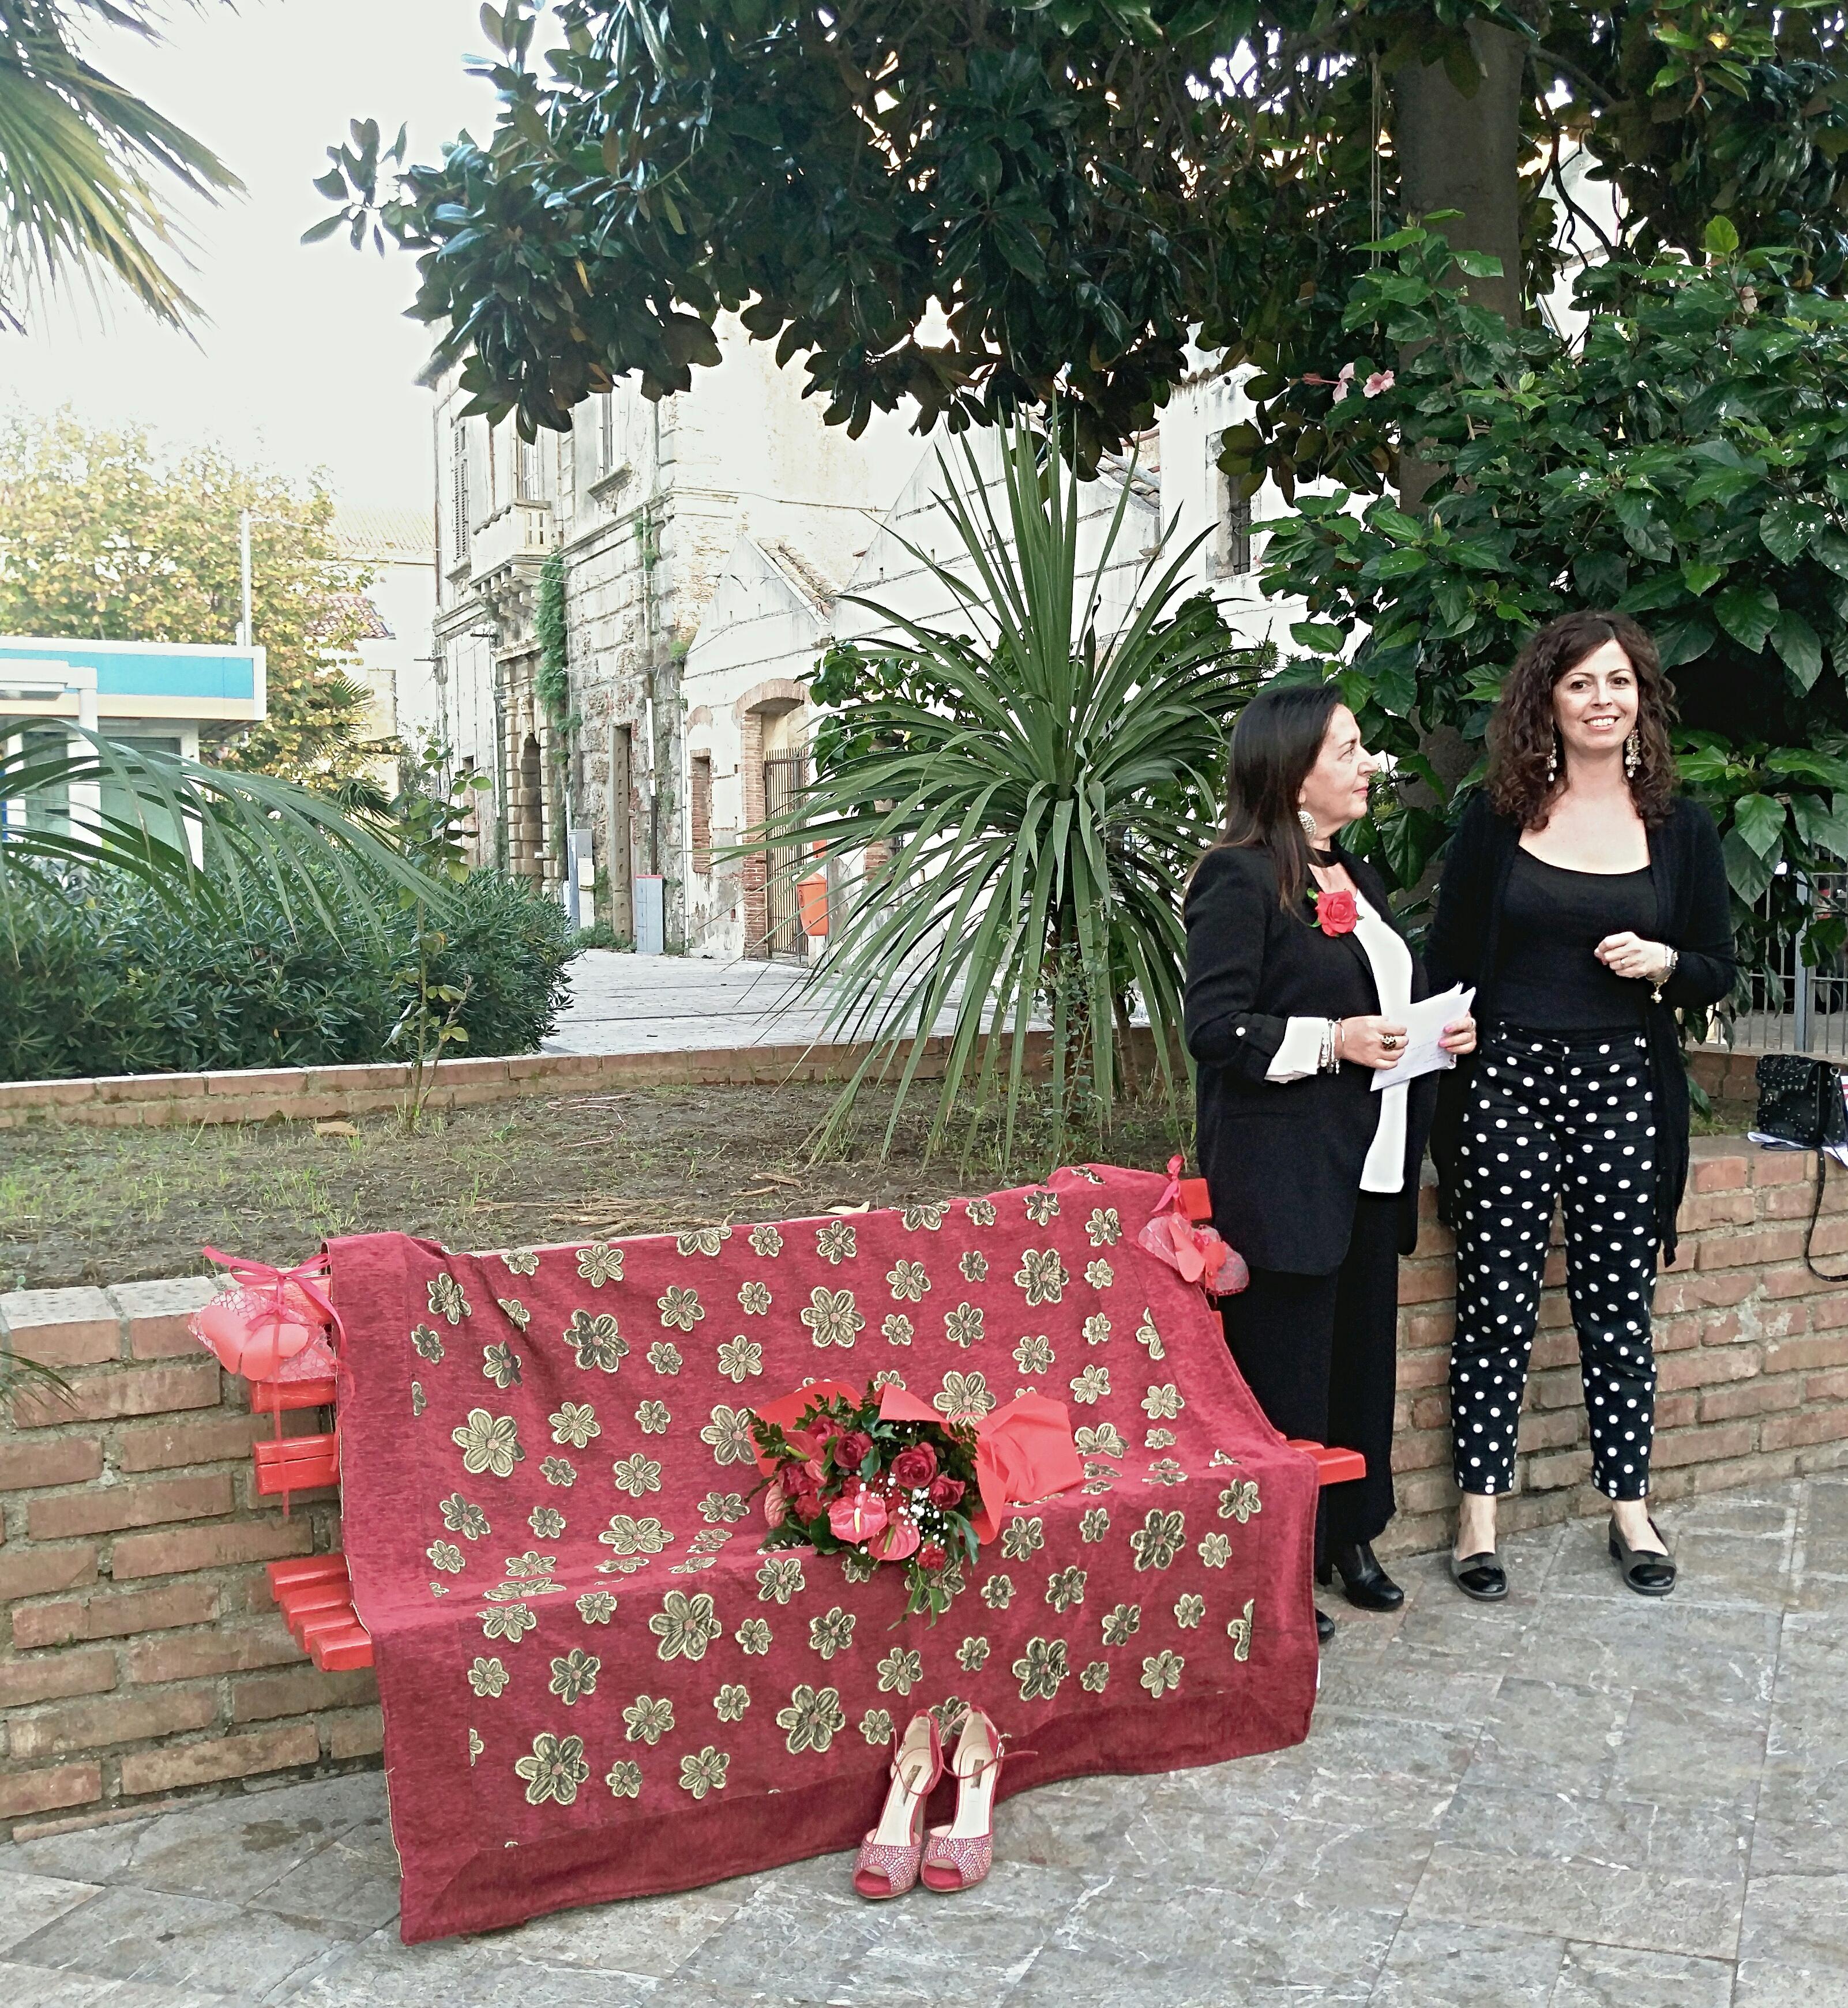 Monforte Marina. Sboccia la 'Panchina Rossa' contro la violenza sulla donna